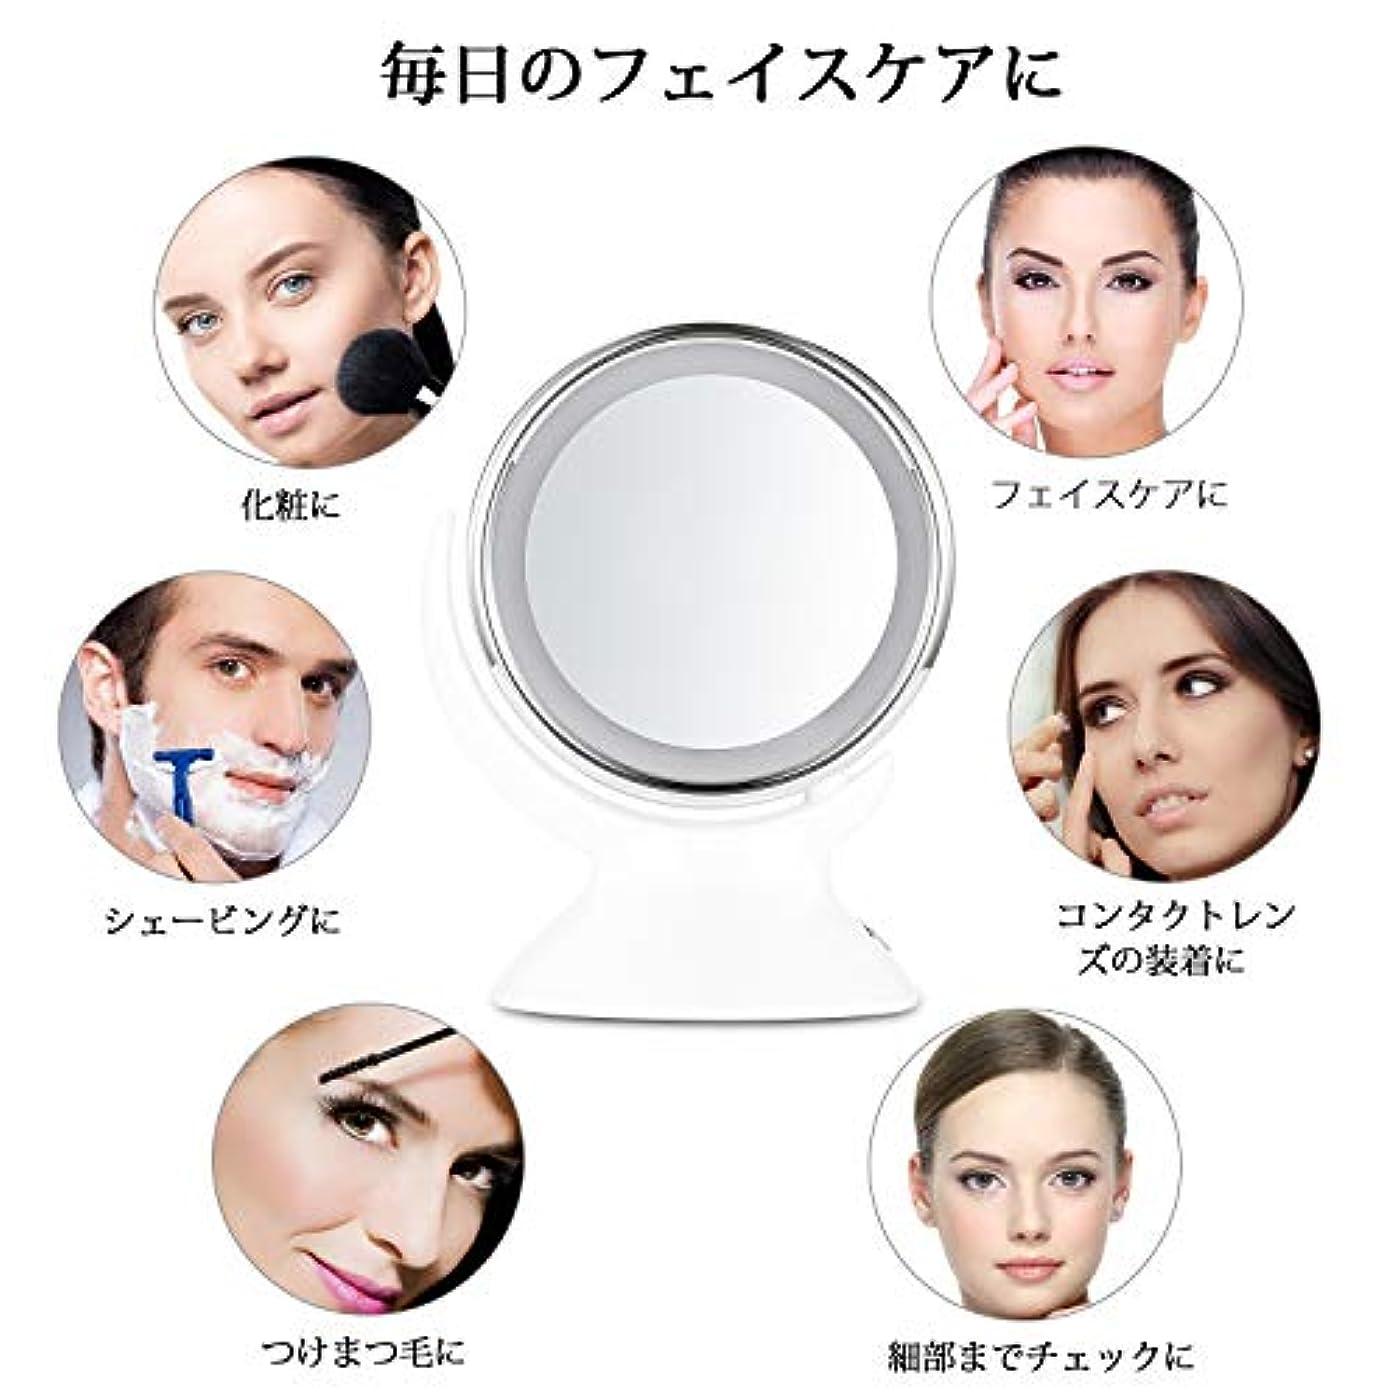 プットくびれた法令卓上ミラー Nexgadget LED ミラー 鏡 両面鏡 5倍 拡大鏡 女優ミラー 360度調整可能 単三電池付